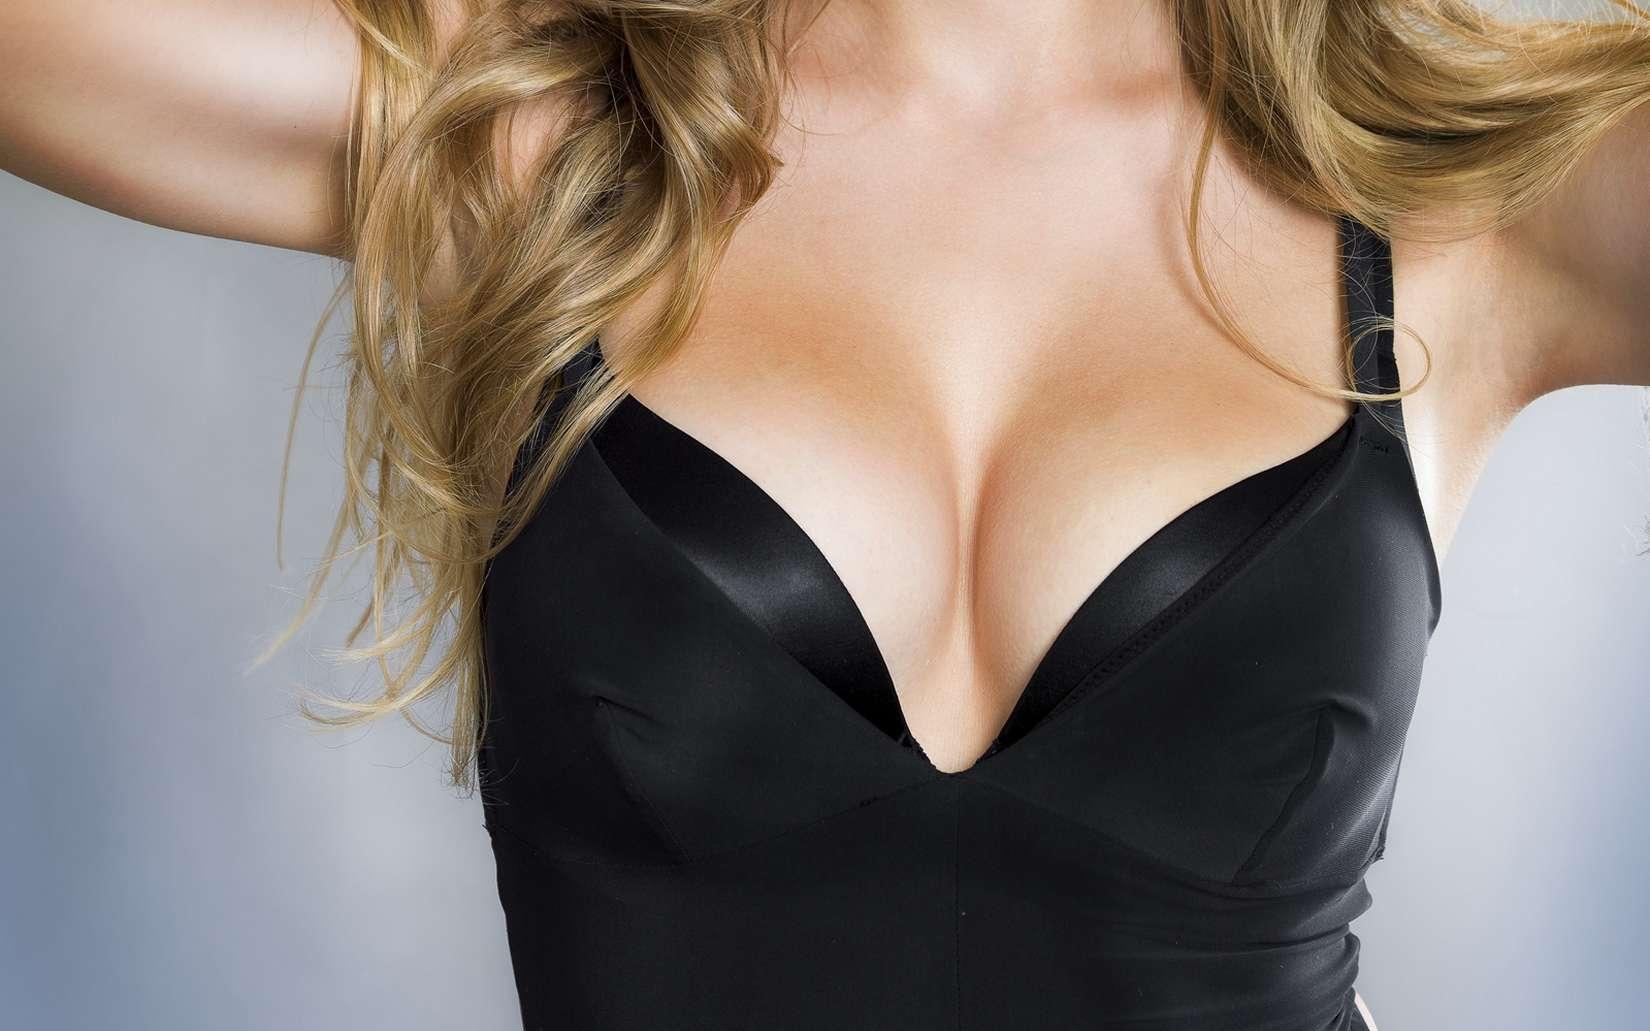 L'espèce humaine est à part. Les hommes sont les seuls mâles du règne animal à s'intéresser à la poitrine des femelles durant un contexte sexuel, et les femmes constituent le seul exemple où les seins prennent du volume durant la puberté sans grossesse. © Mother Nature, Fotolia